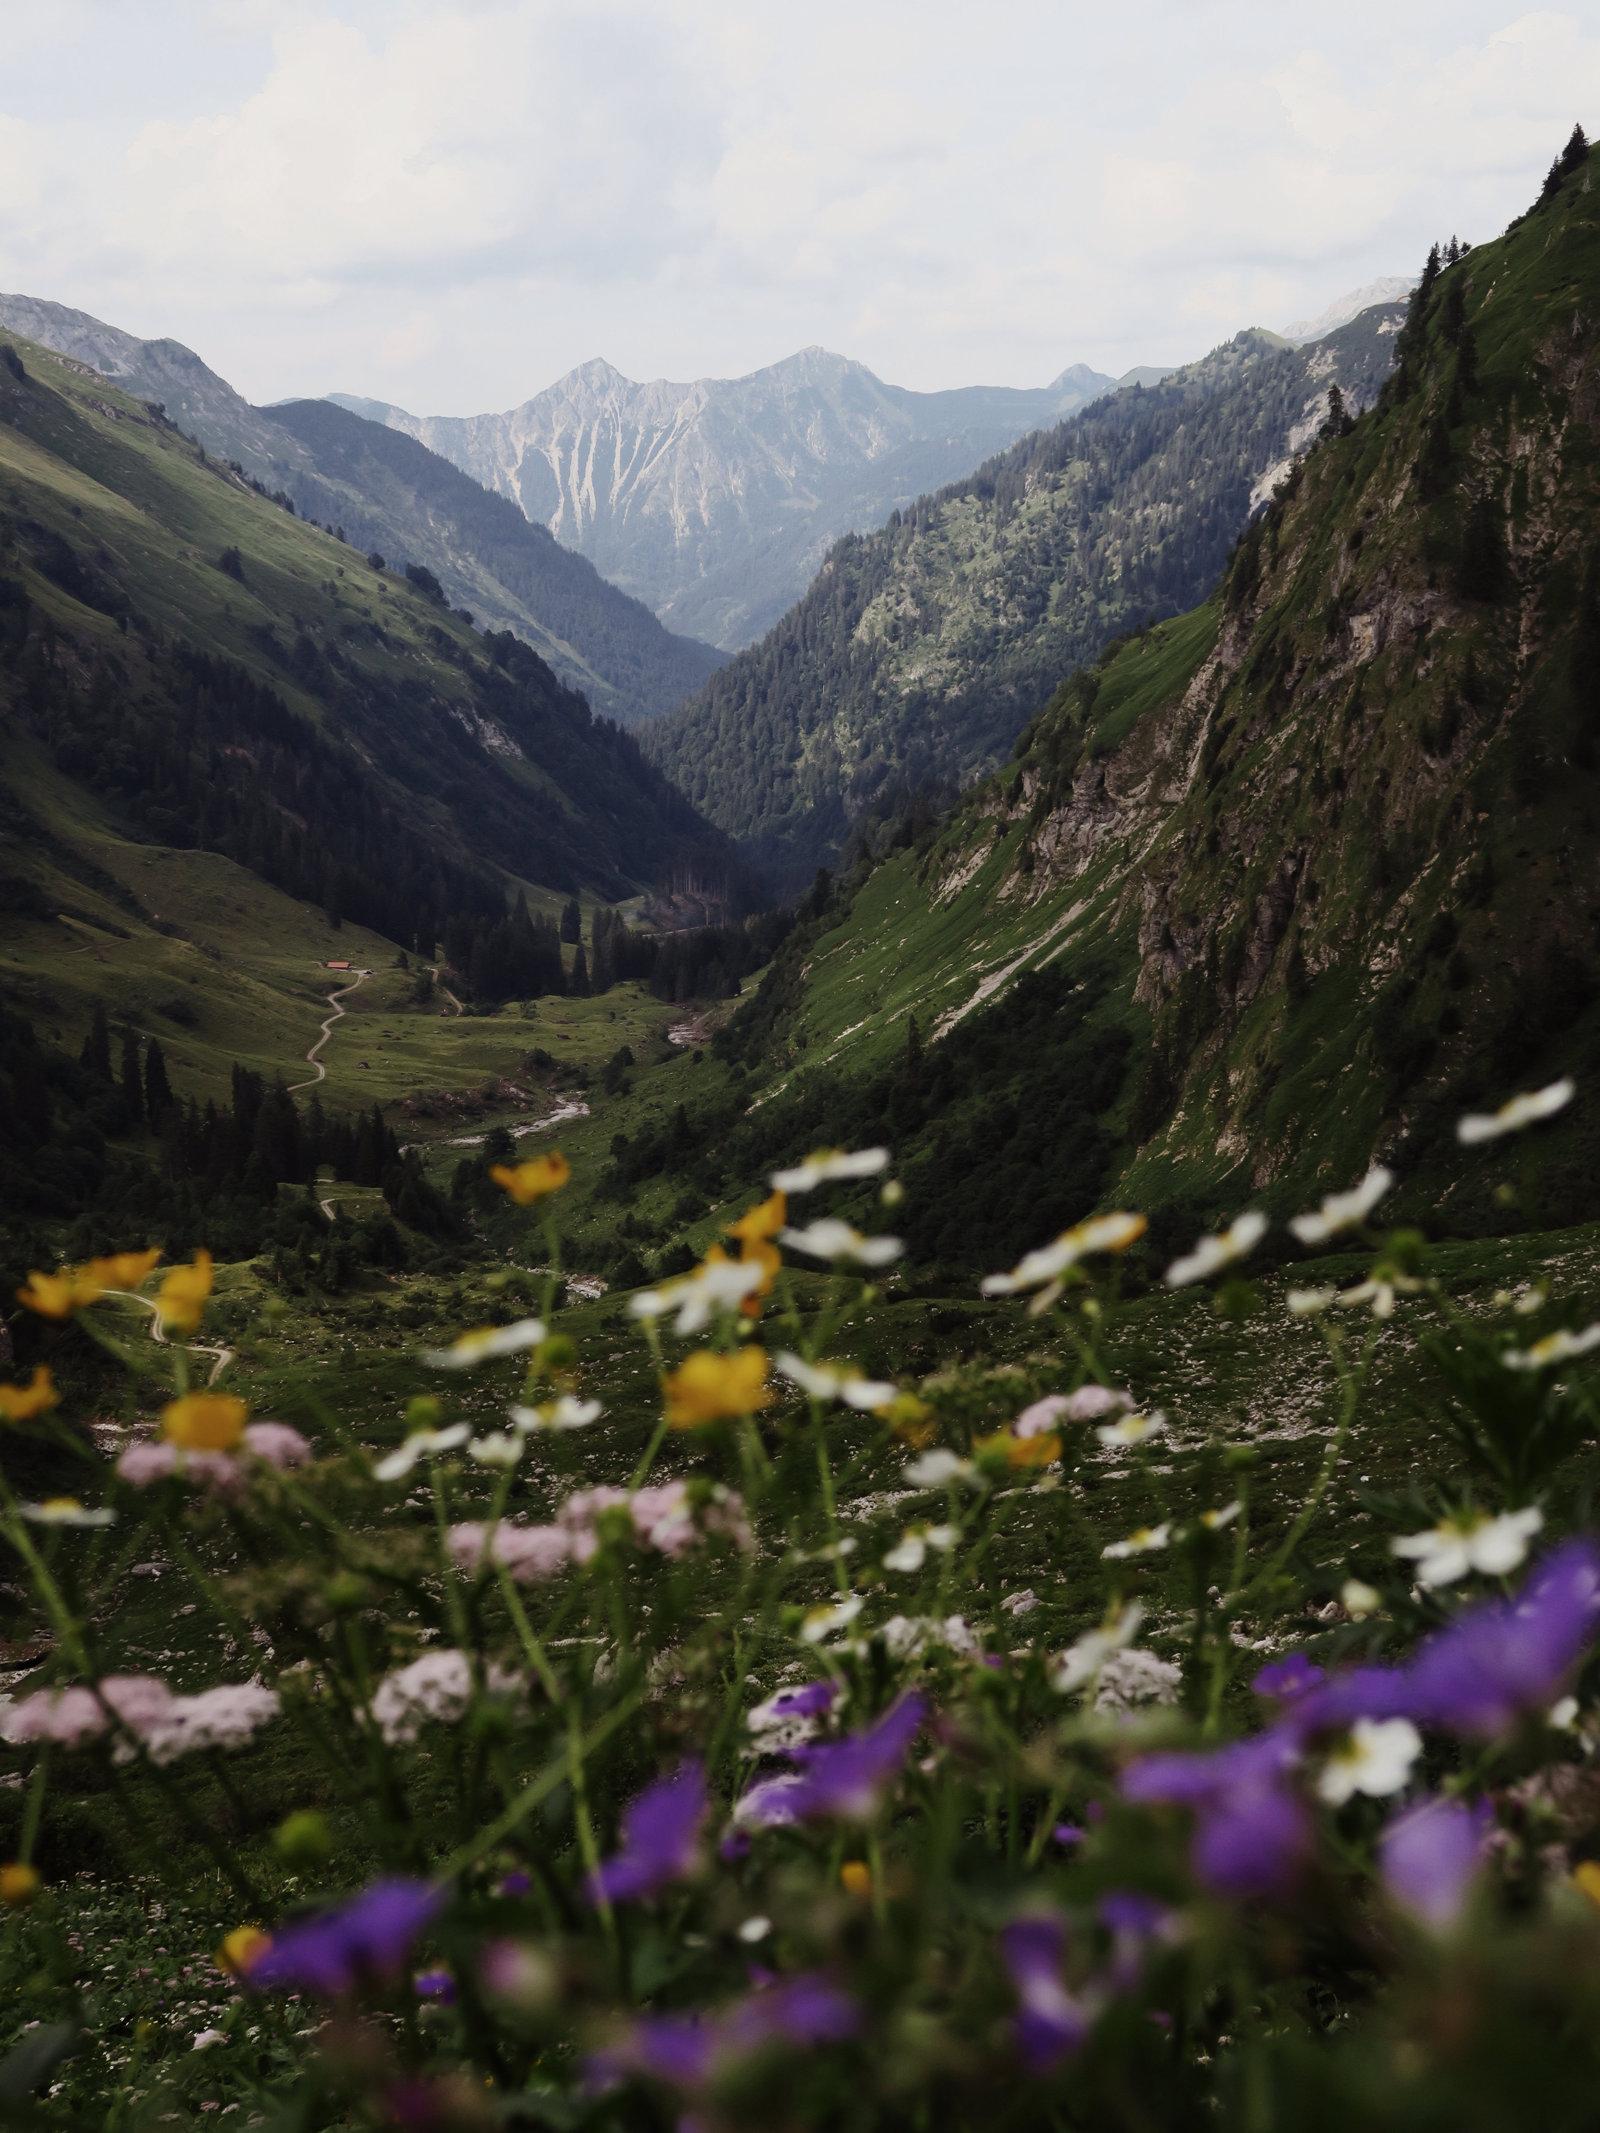 Blick hinunter ins Tal, Hüttentour in den Allgäuer Alpen